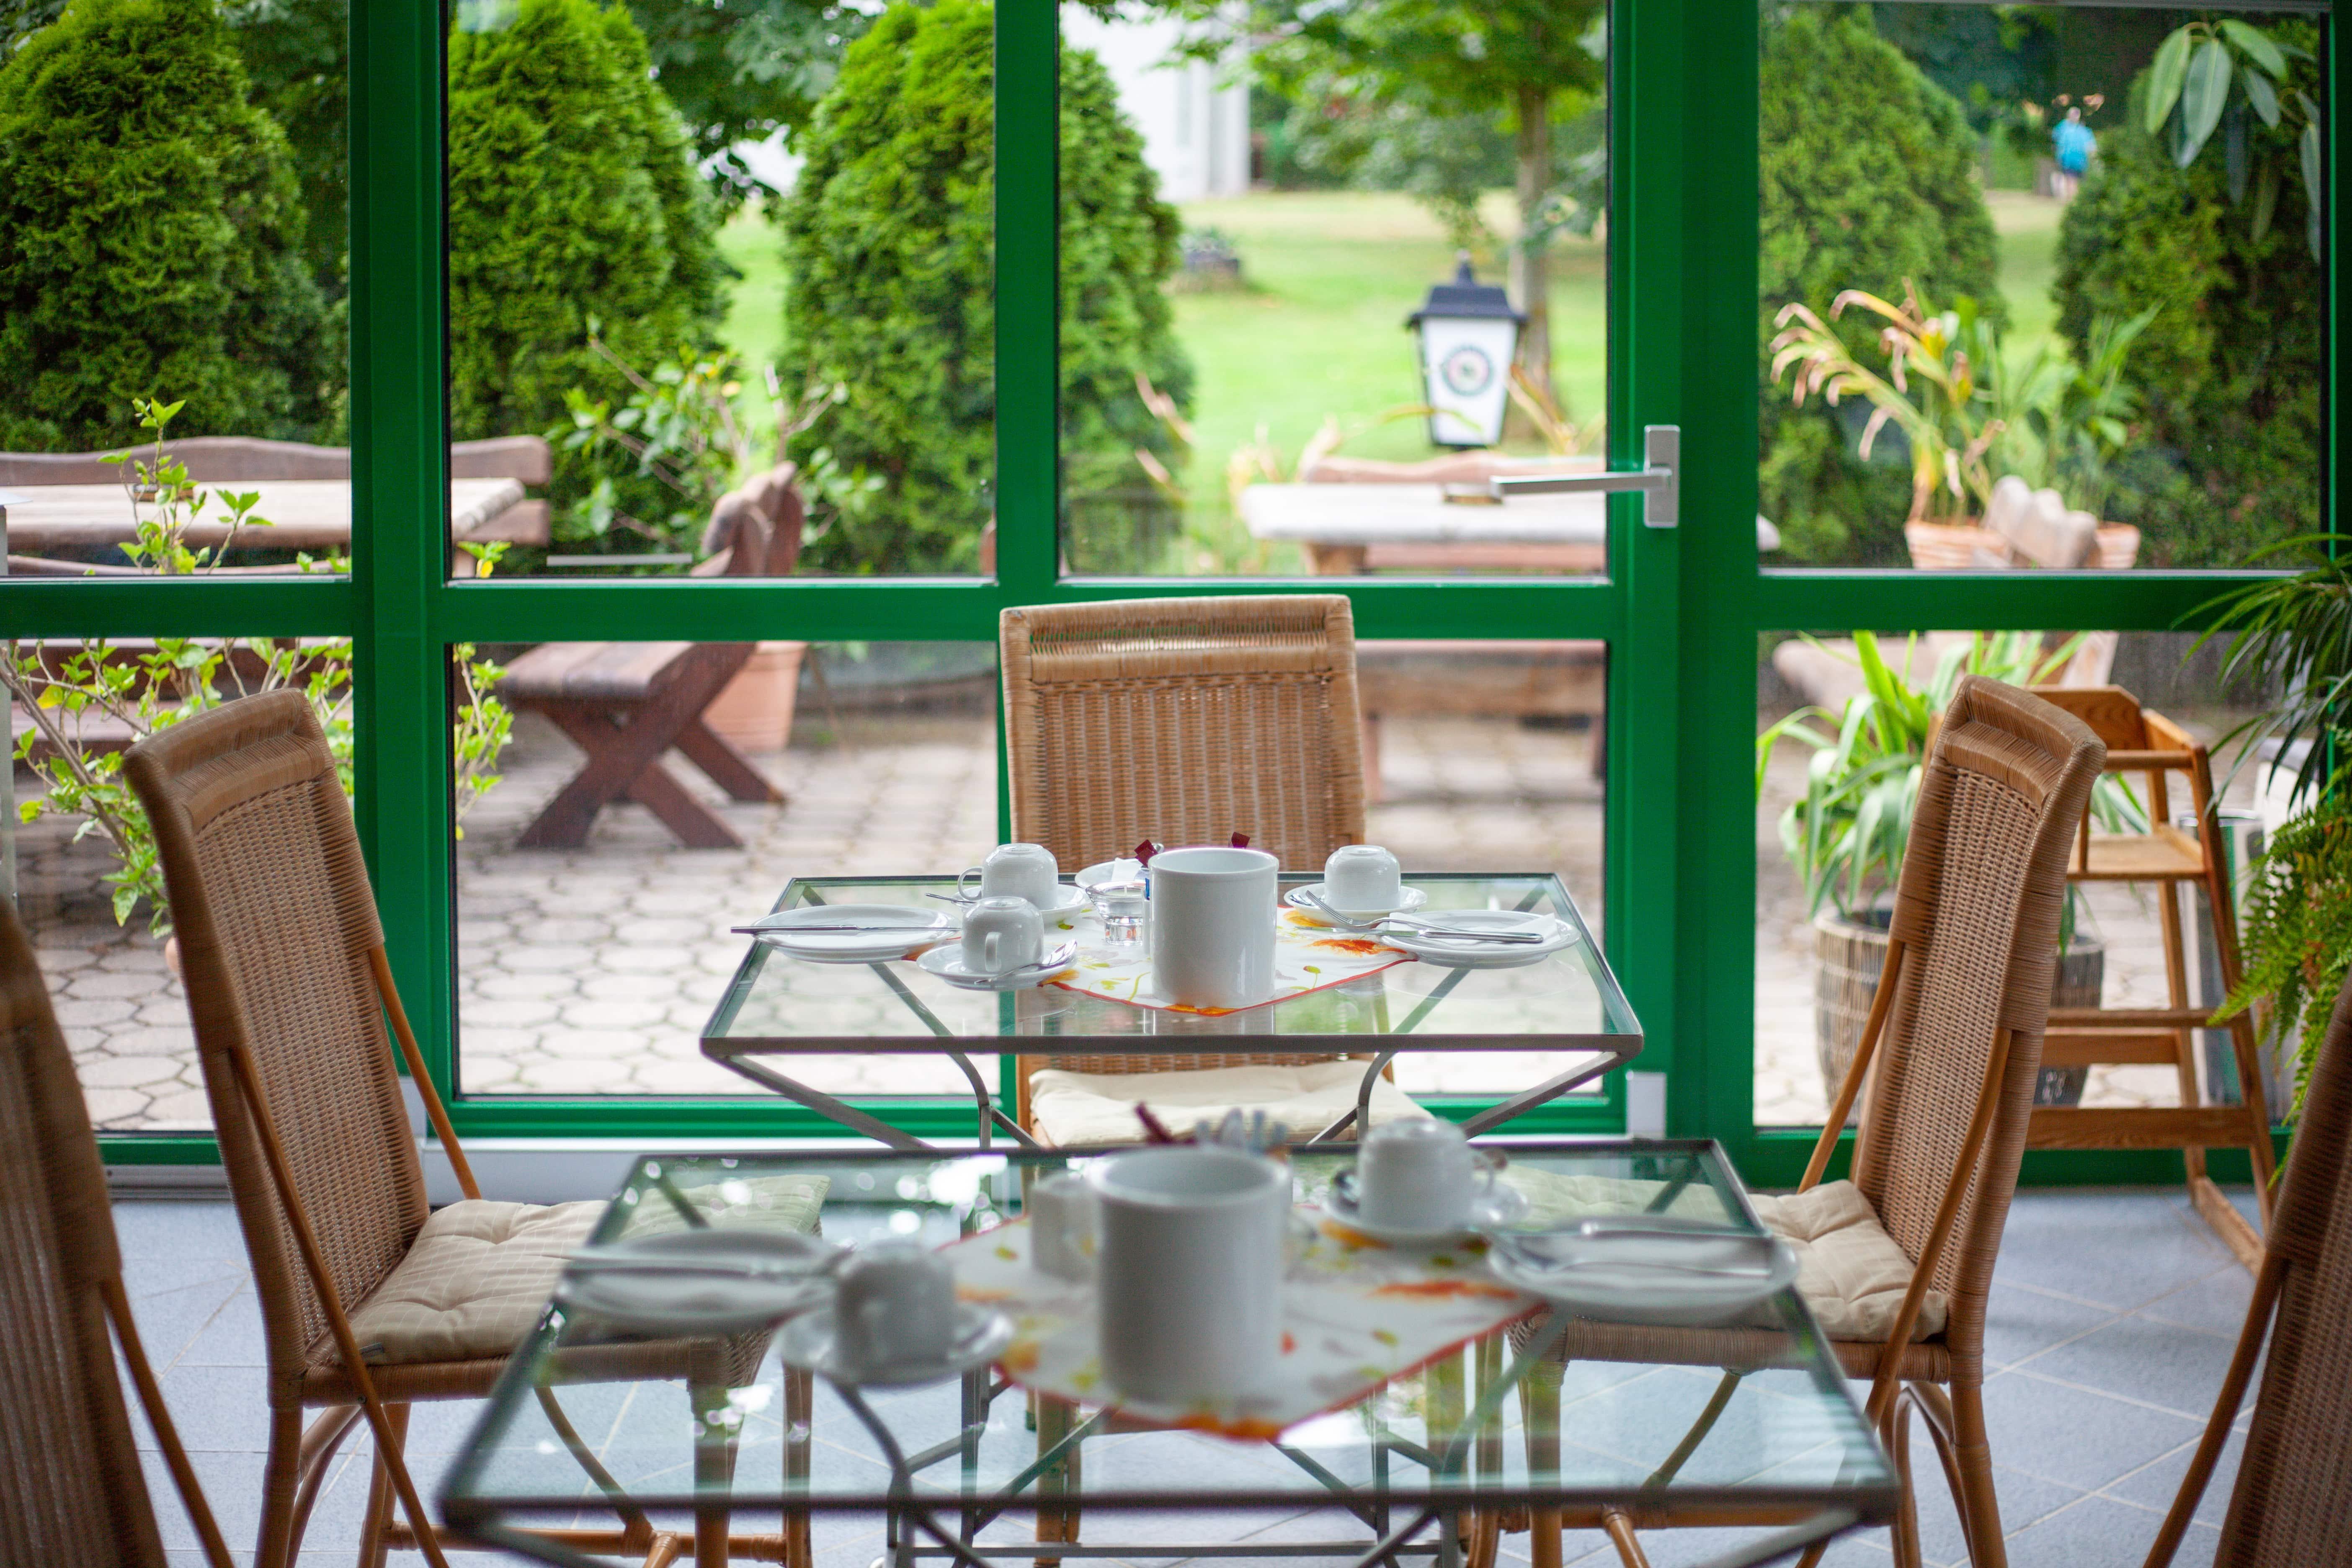 wintergarten hotel landsberg halle leipzig saalekreis 2